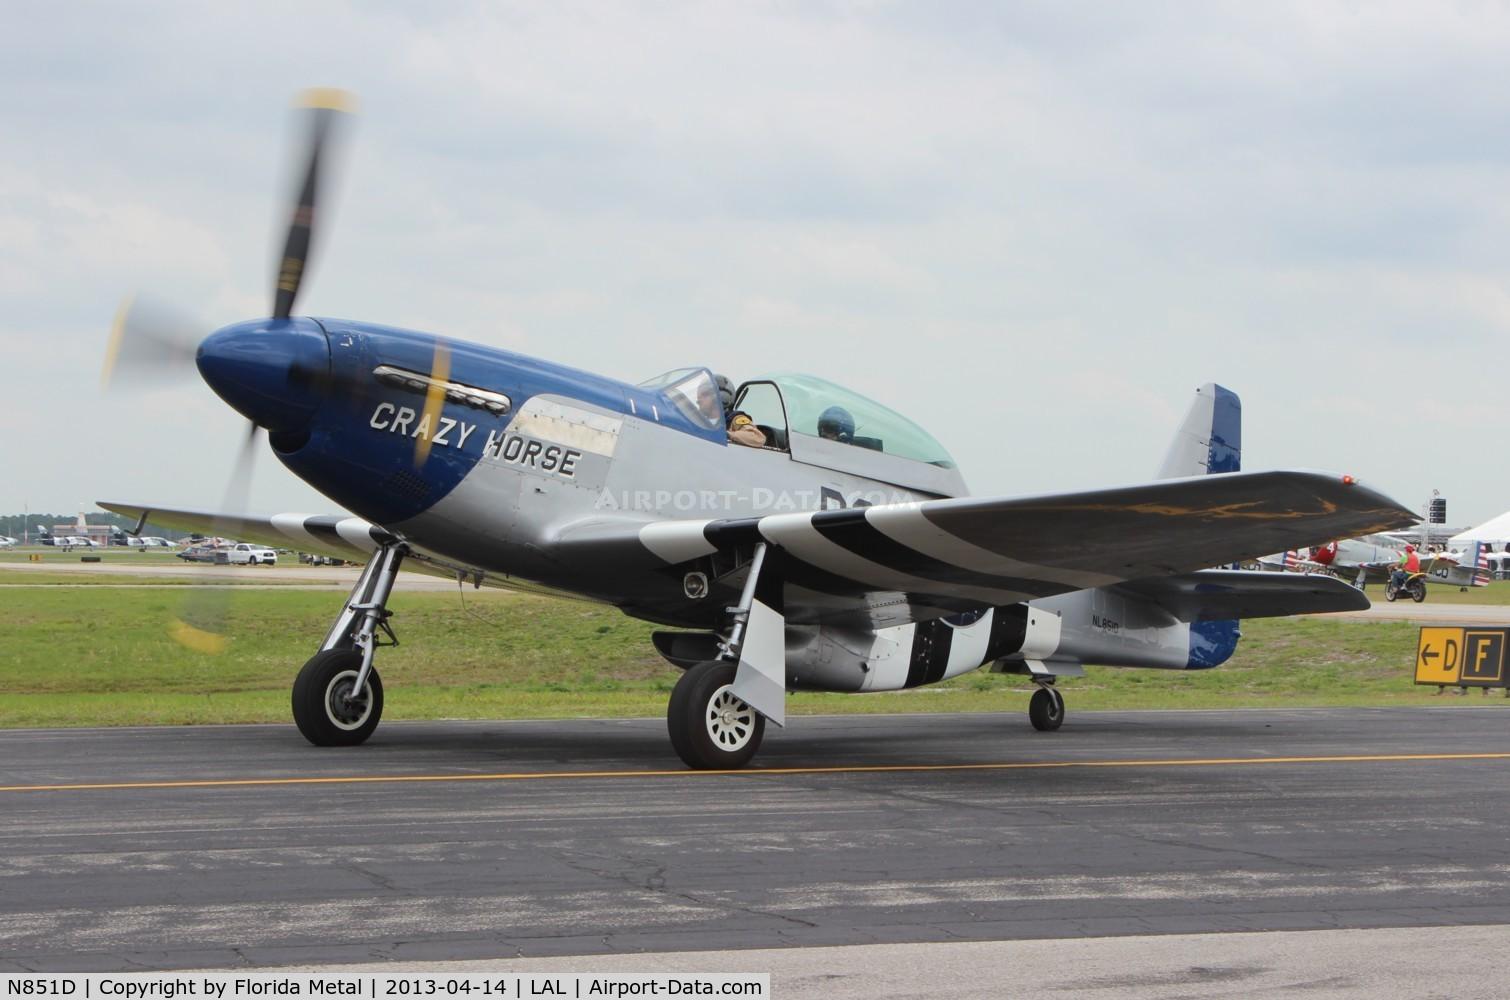 N851D, 1944 North American P-51D Mustang C/N 44-84745, Crazy Horse P-51D